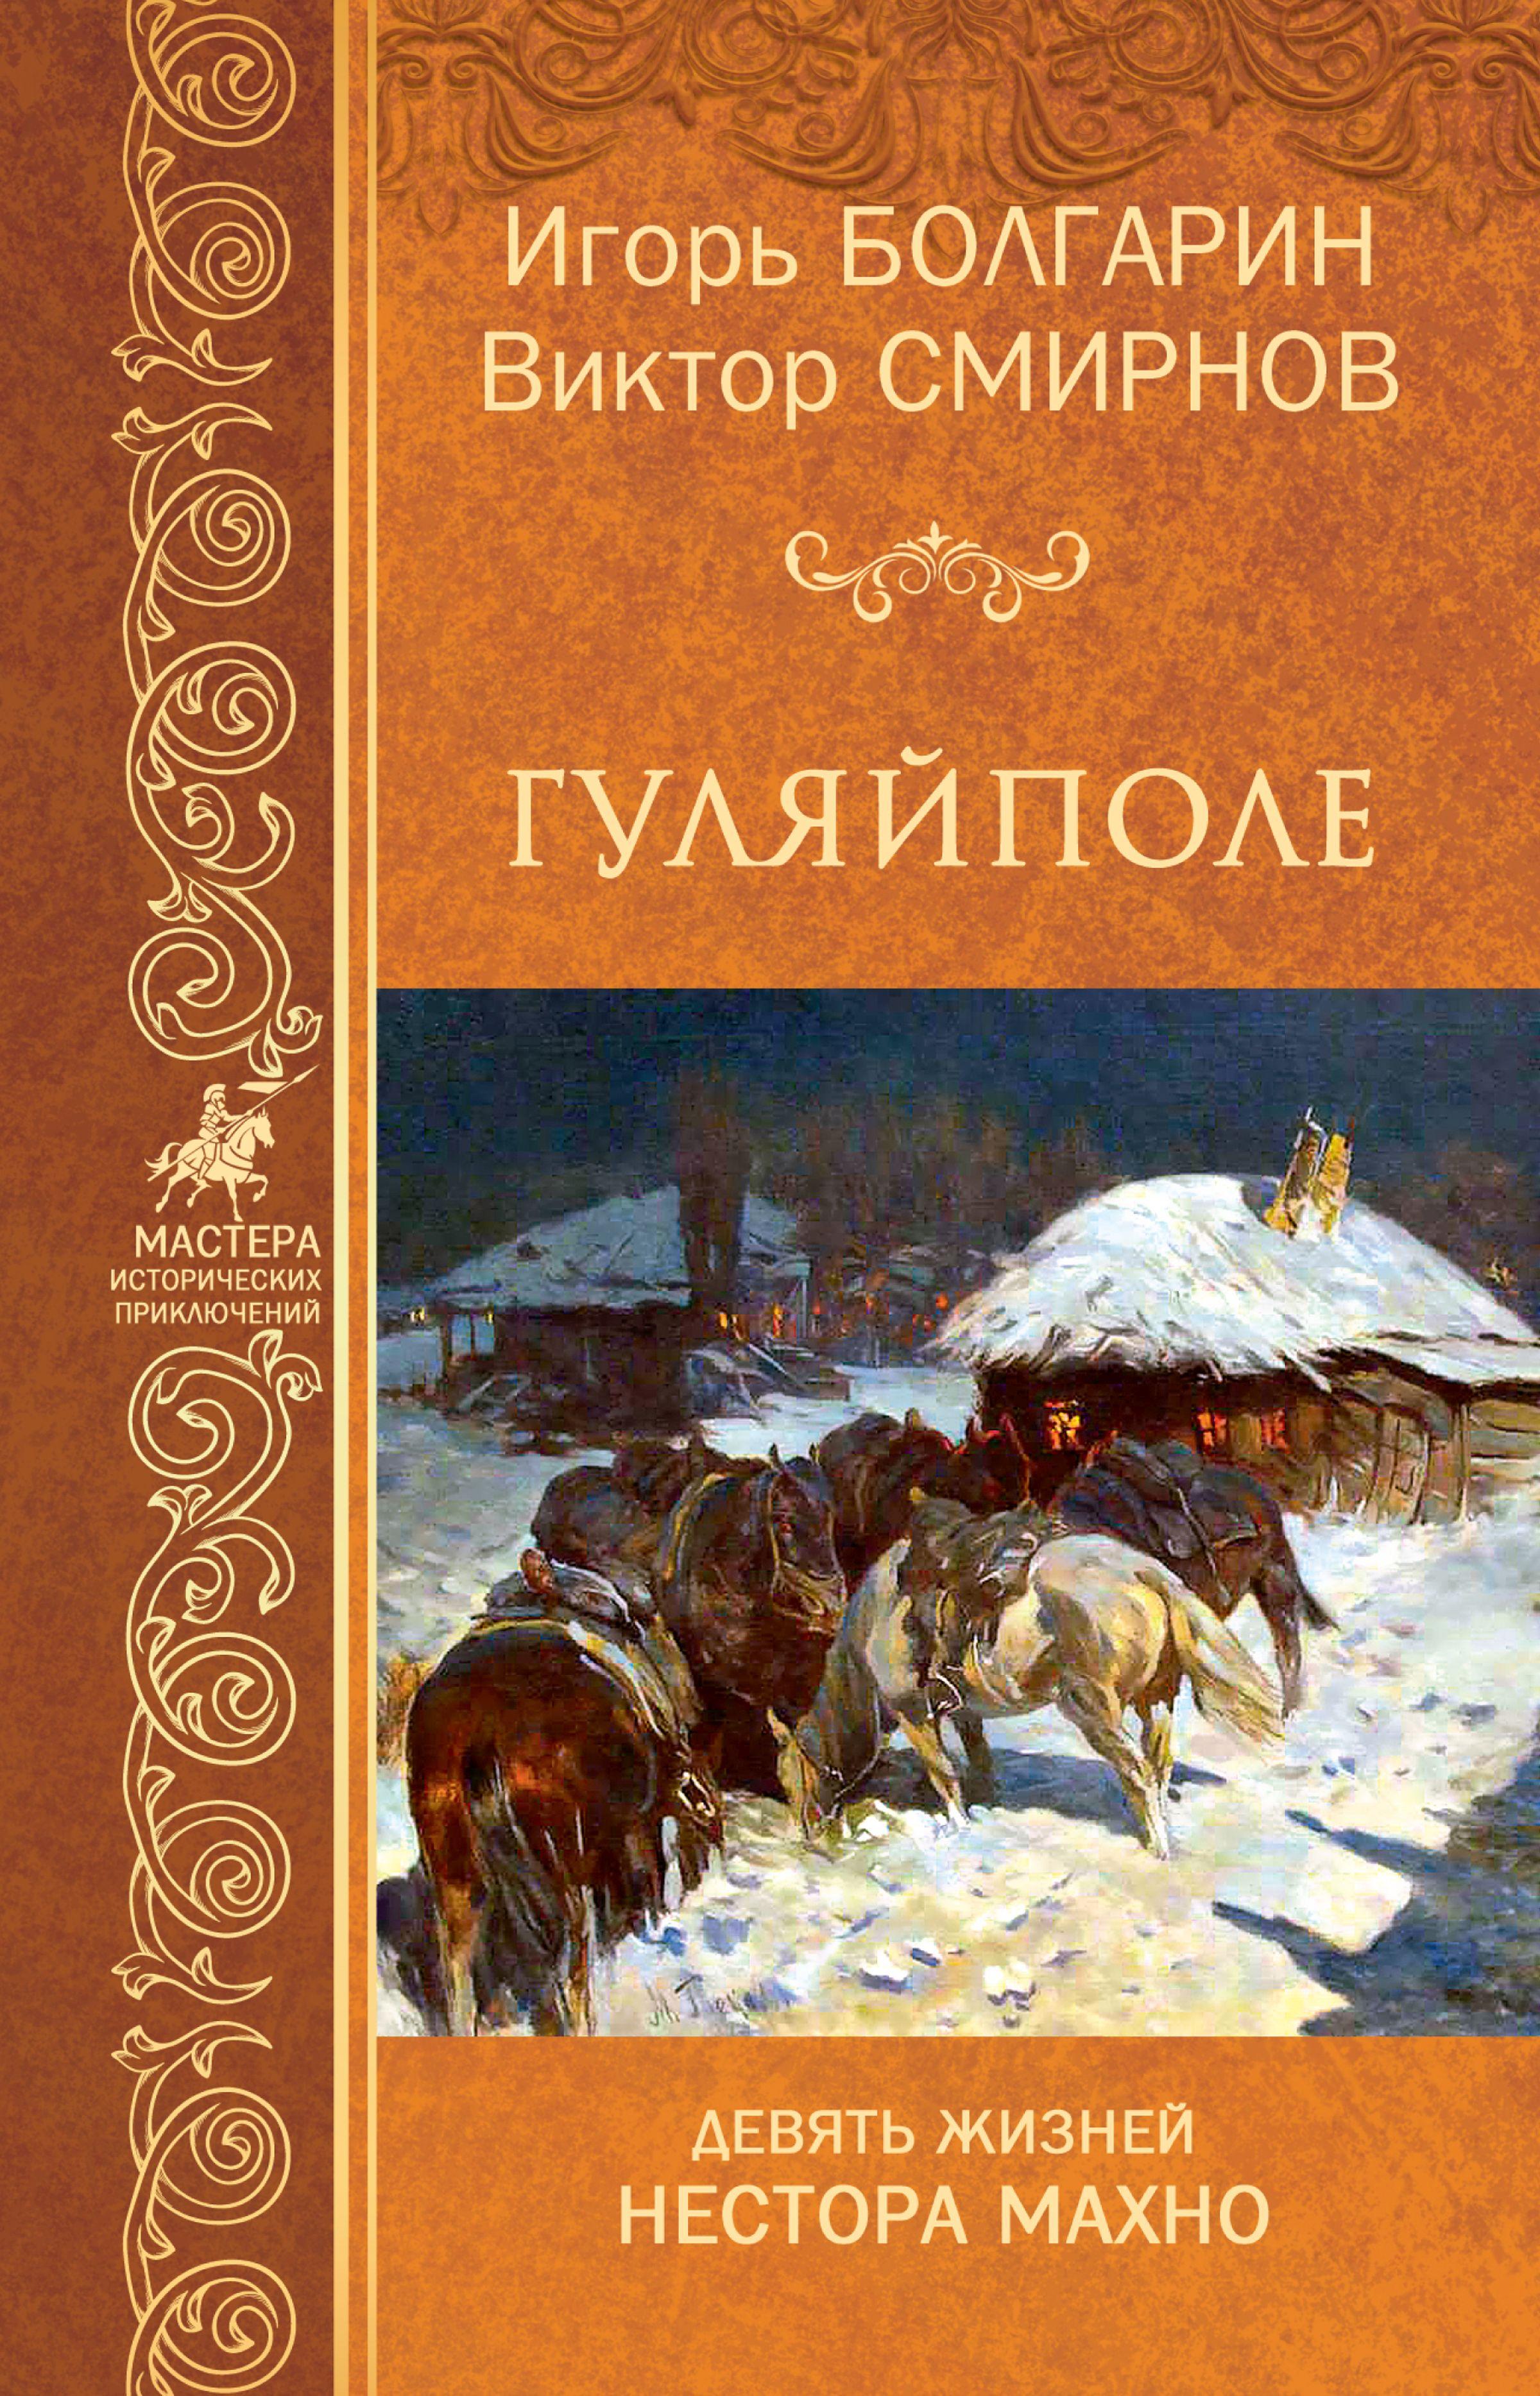 Купить книгу Гуляйполе, автора Виктора Смирнова